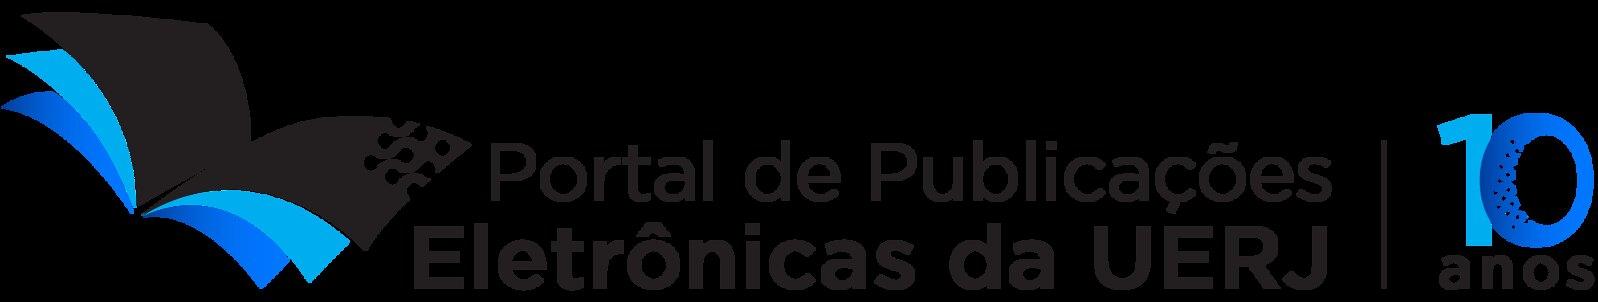 Portal de Publicações Eletrônicas da UERJ